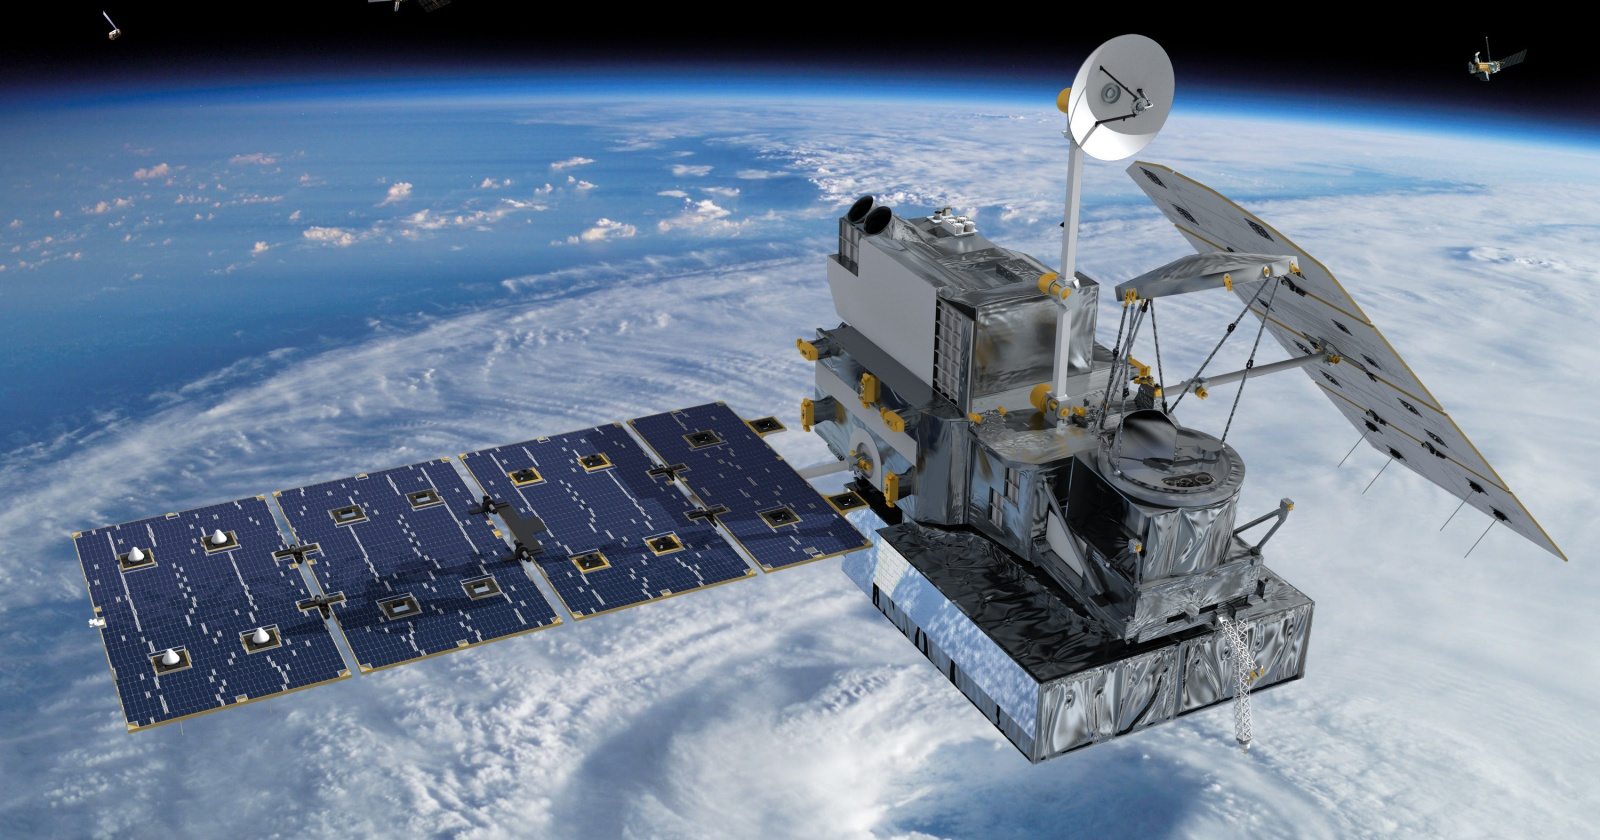 Сможет ли NASA предсказывать возникновение пожаров на Земле?